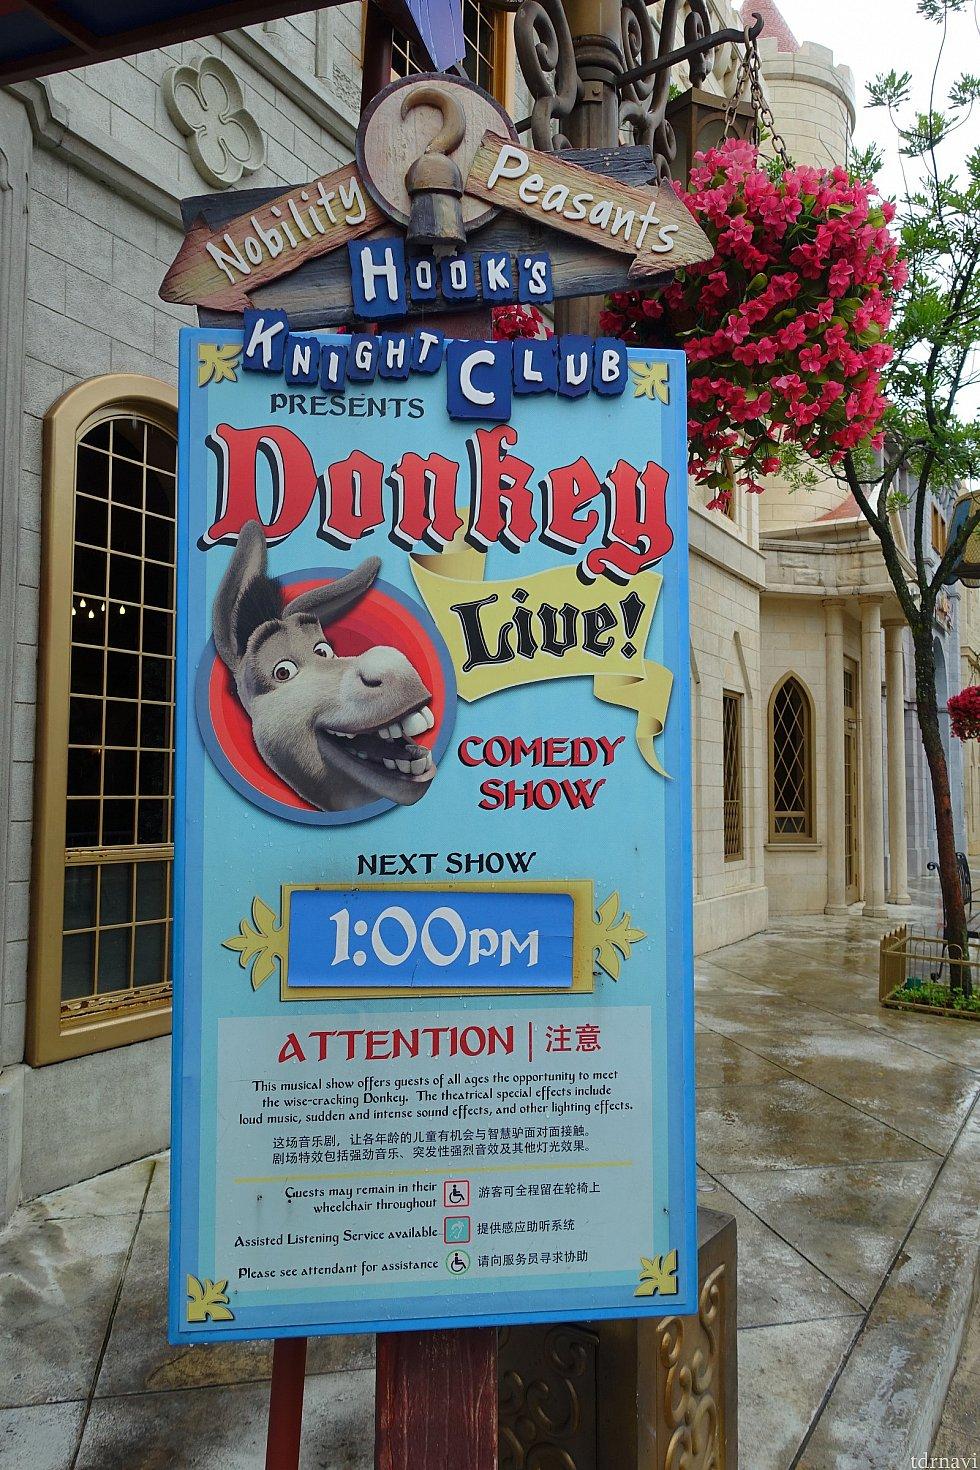 ナイトクラブでドンキーがコメディーショーを開催するらしいです。